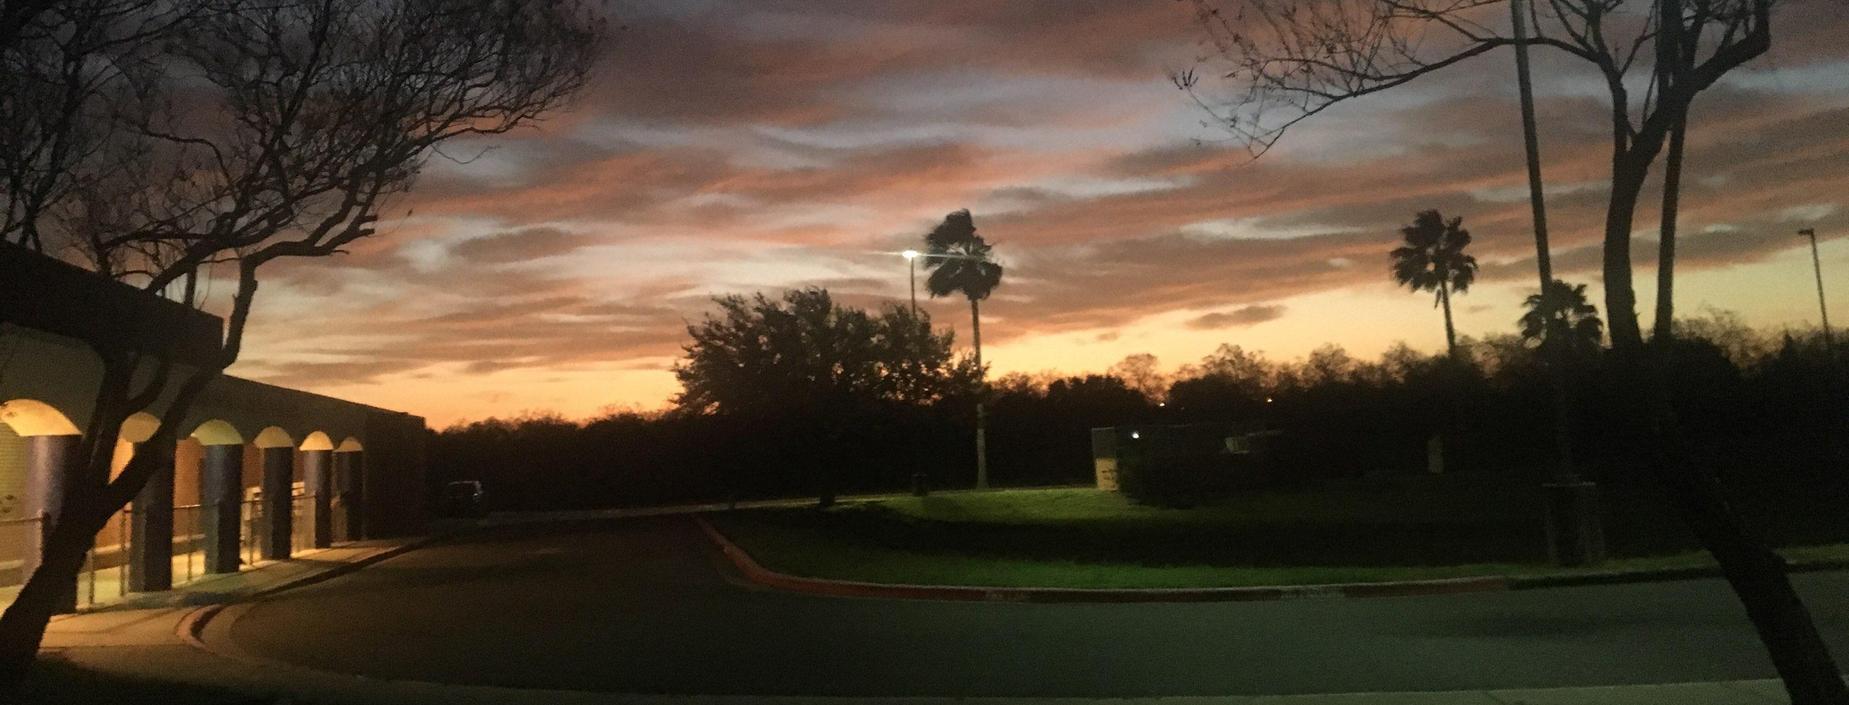 Guerra at dawn. Waiting for morning tutoring to begin.